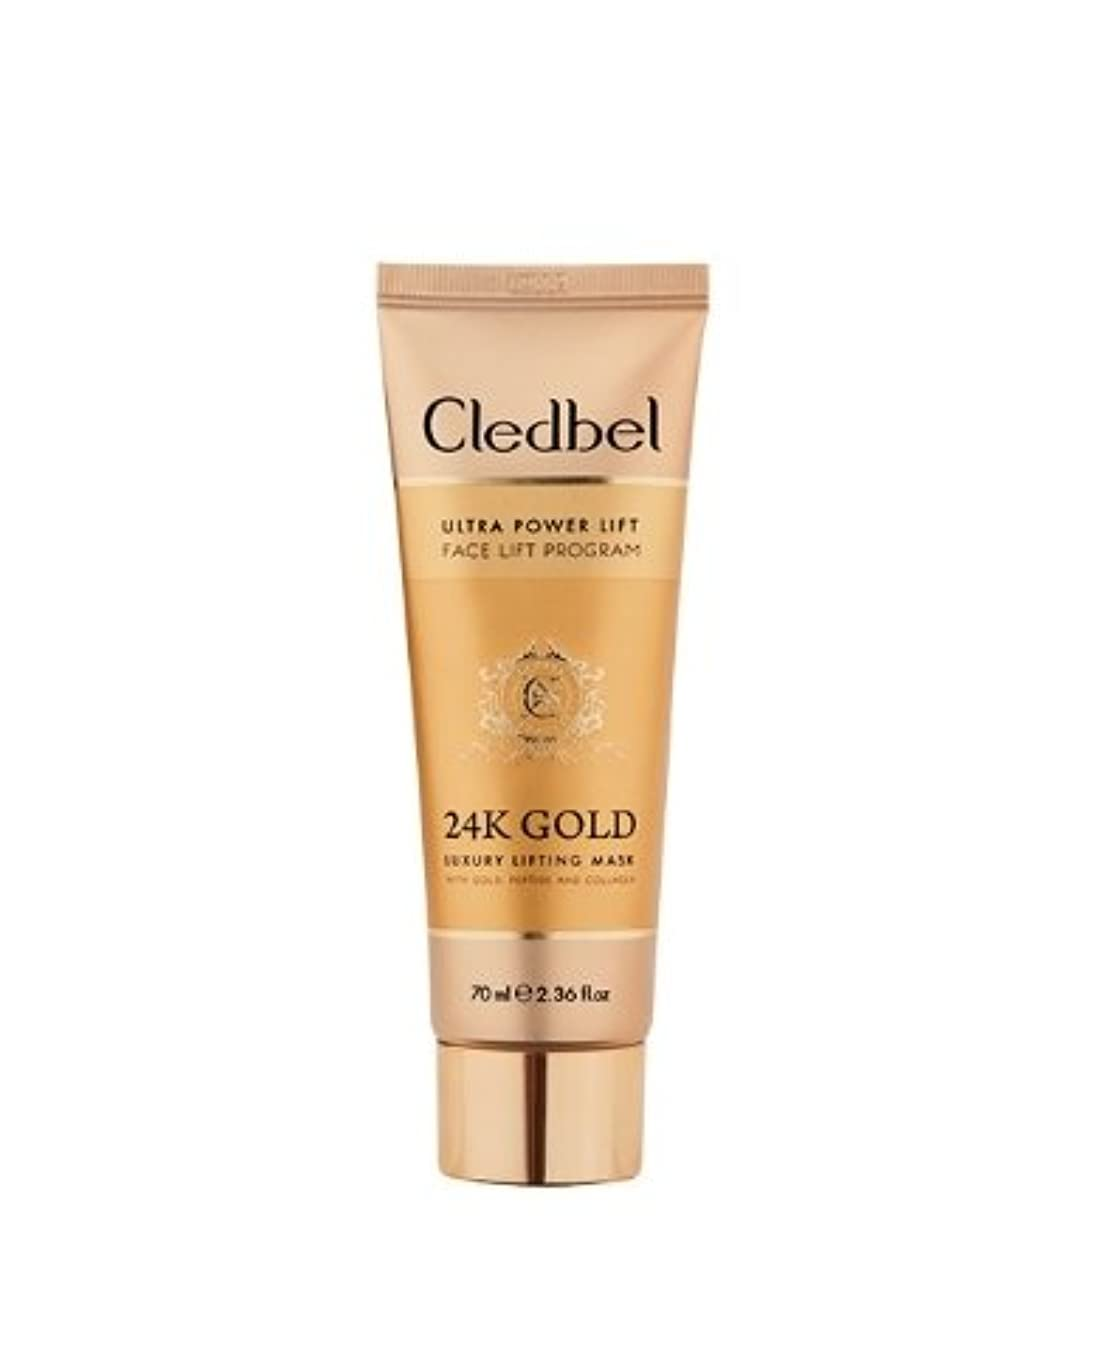 高潔な保持する後世[Cledbel]Cledbel Ultra Power Lift 24K Gold Luxury Lifting Mask 70ml